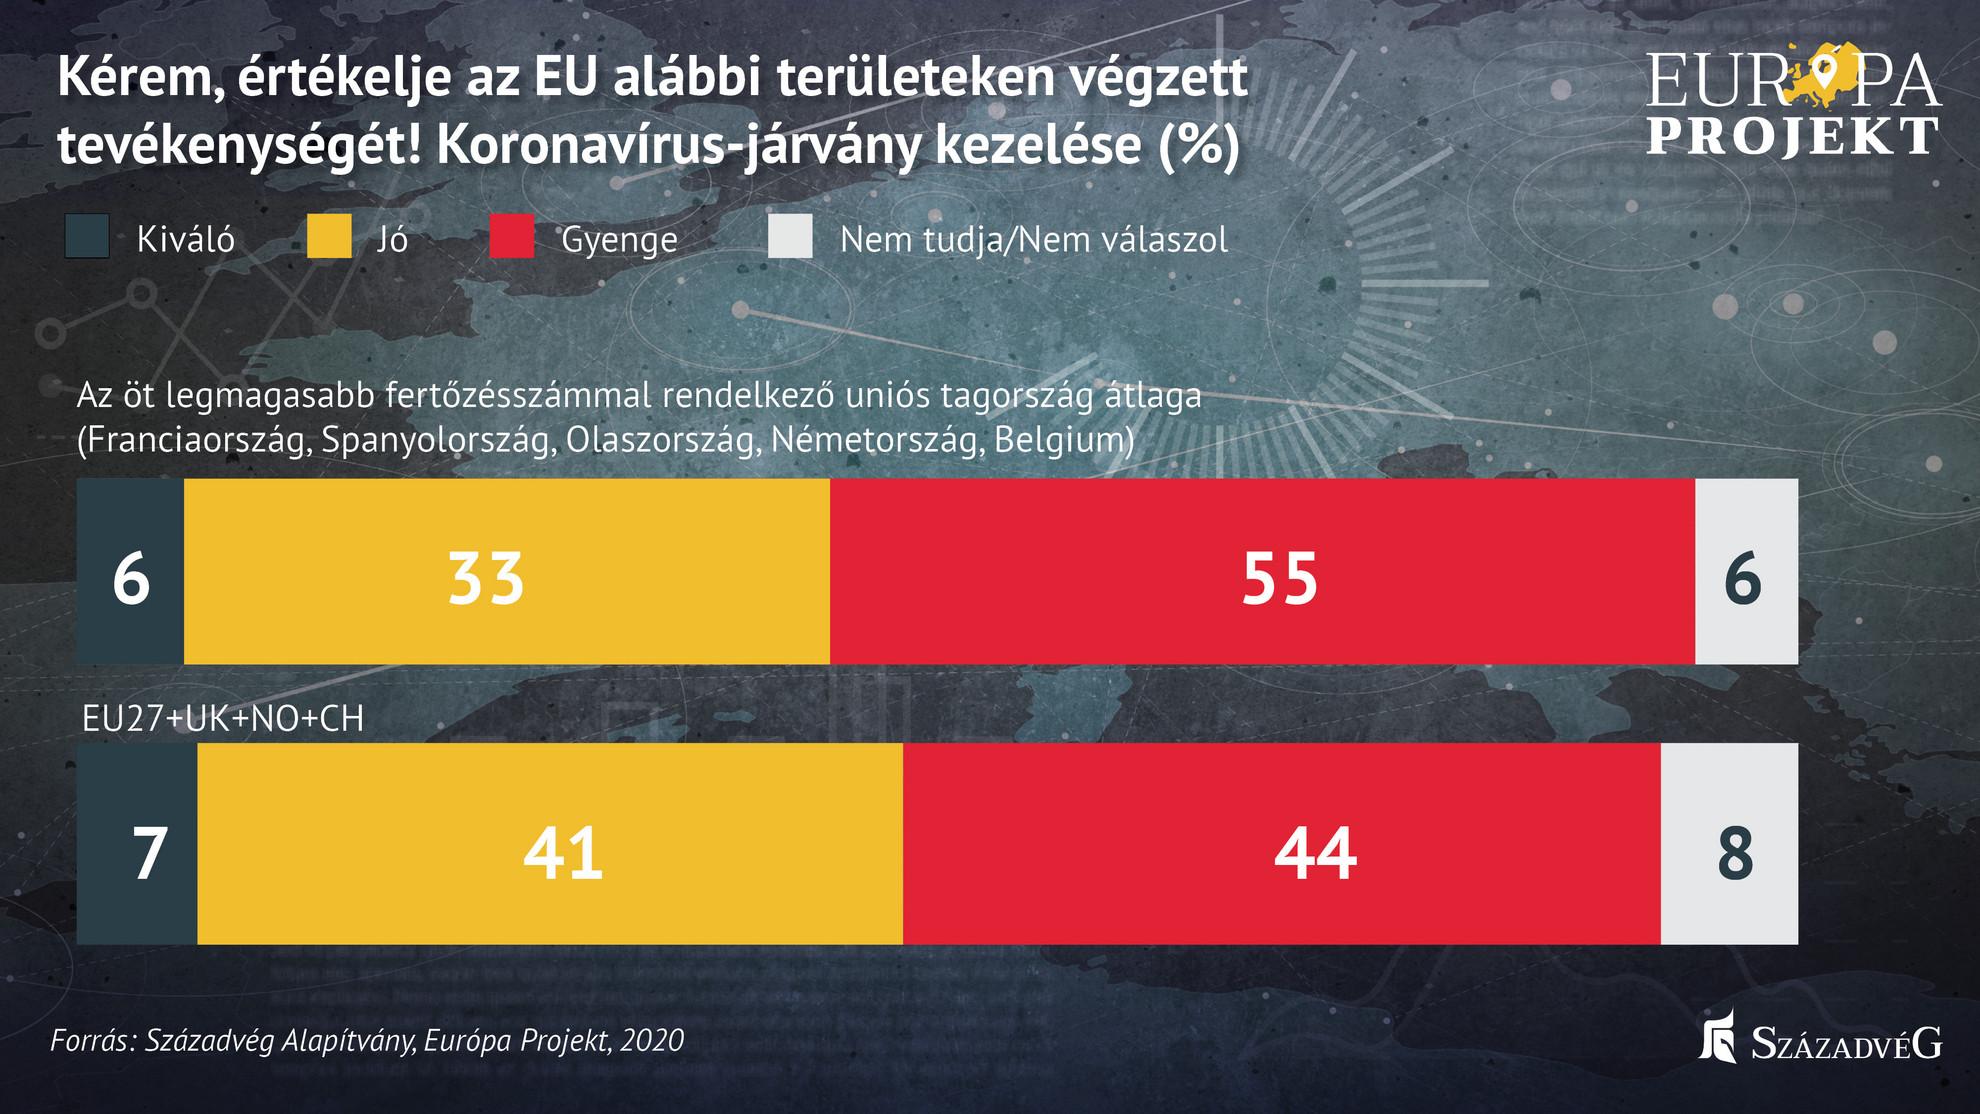 Az Európai Unió öt legmagasabb fertőzésszámmal rendelkező országában (Franciaország, Spanyolország, Olaszország, Németország, Belgium) a megkérdezettek mindössze 39 százaléka elégedett Brüsszel járványügyi teljesítményével